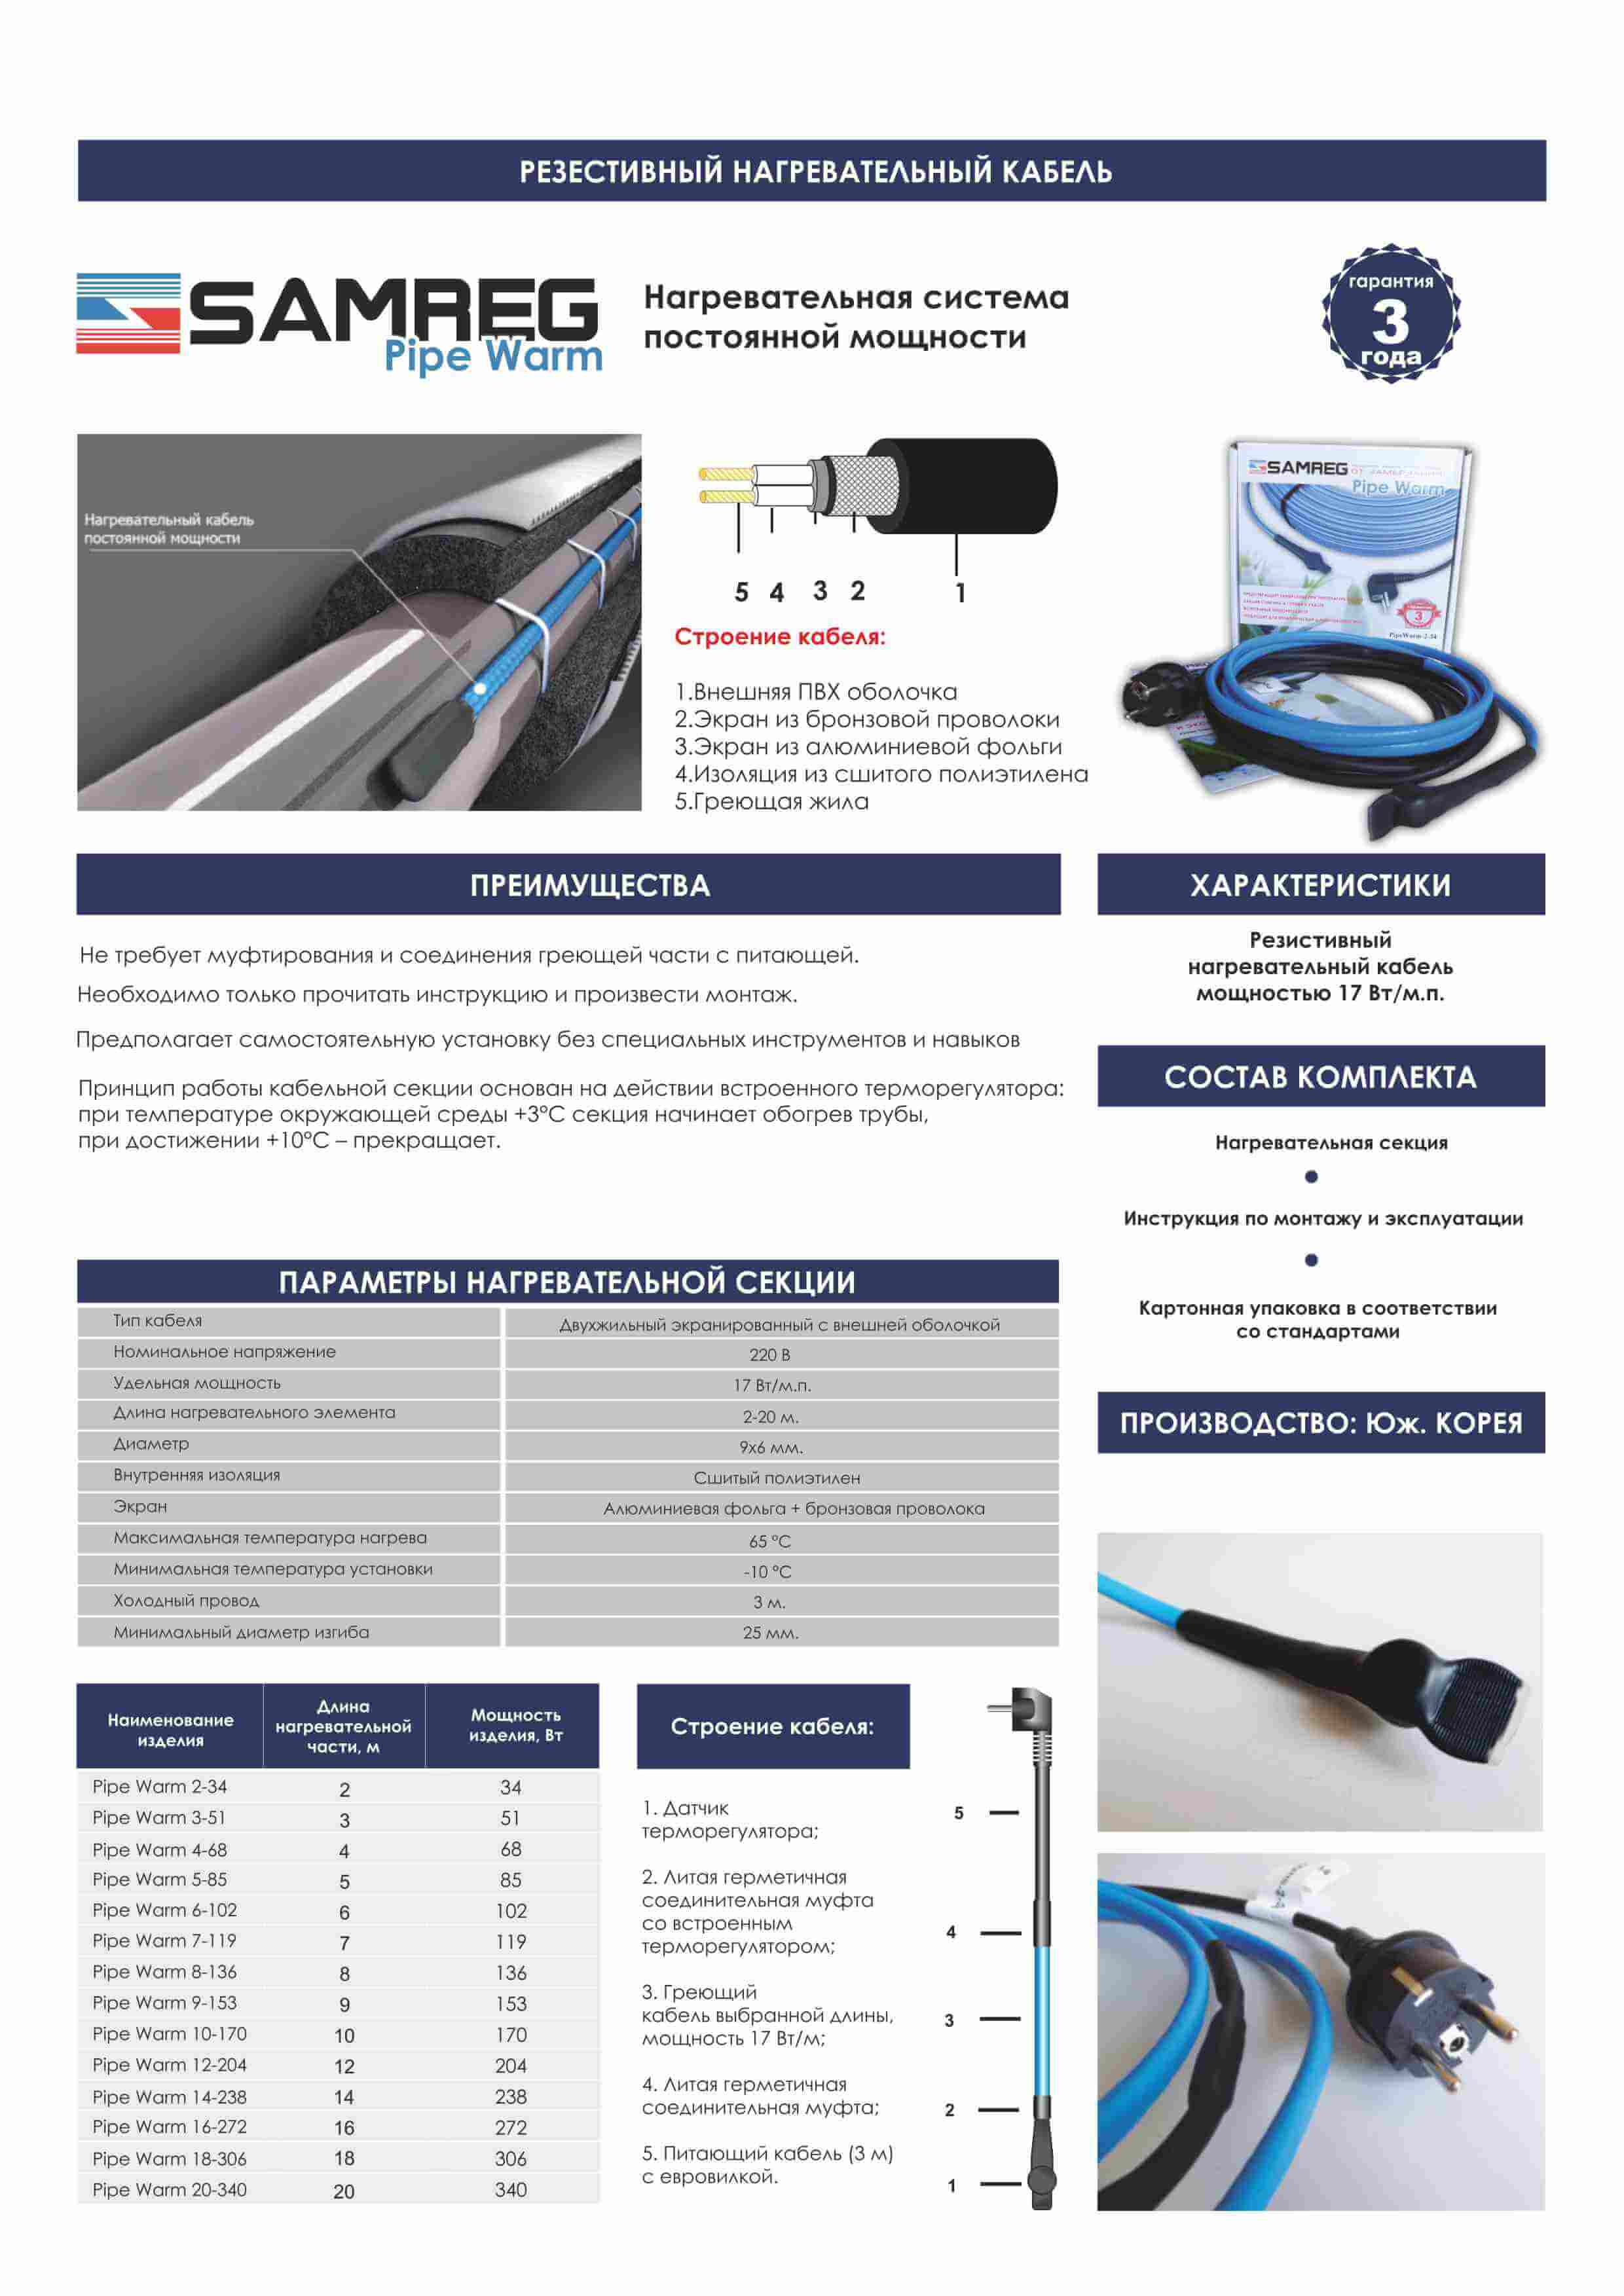 Калькулятор расчета длины греющего кабеля для водопровода